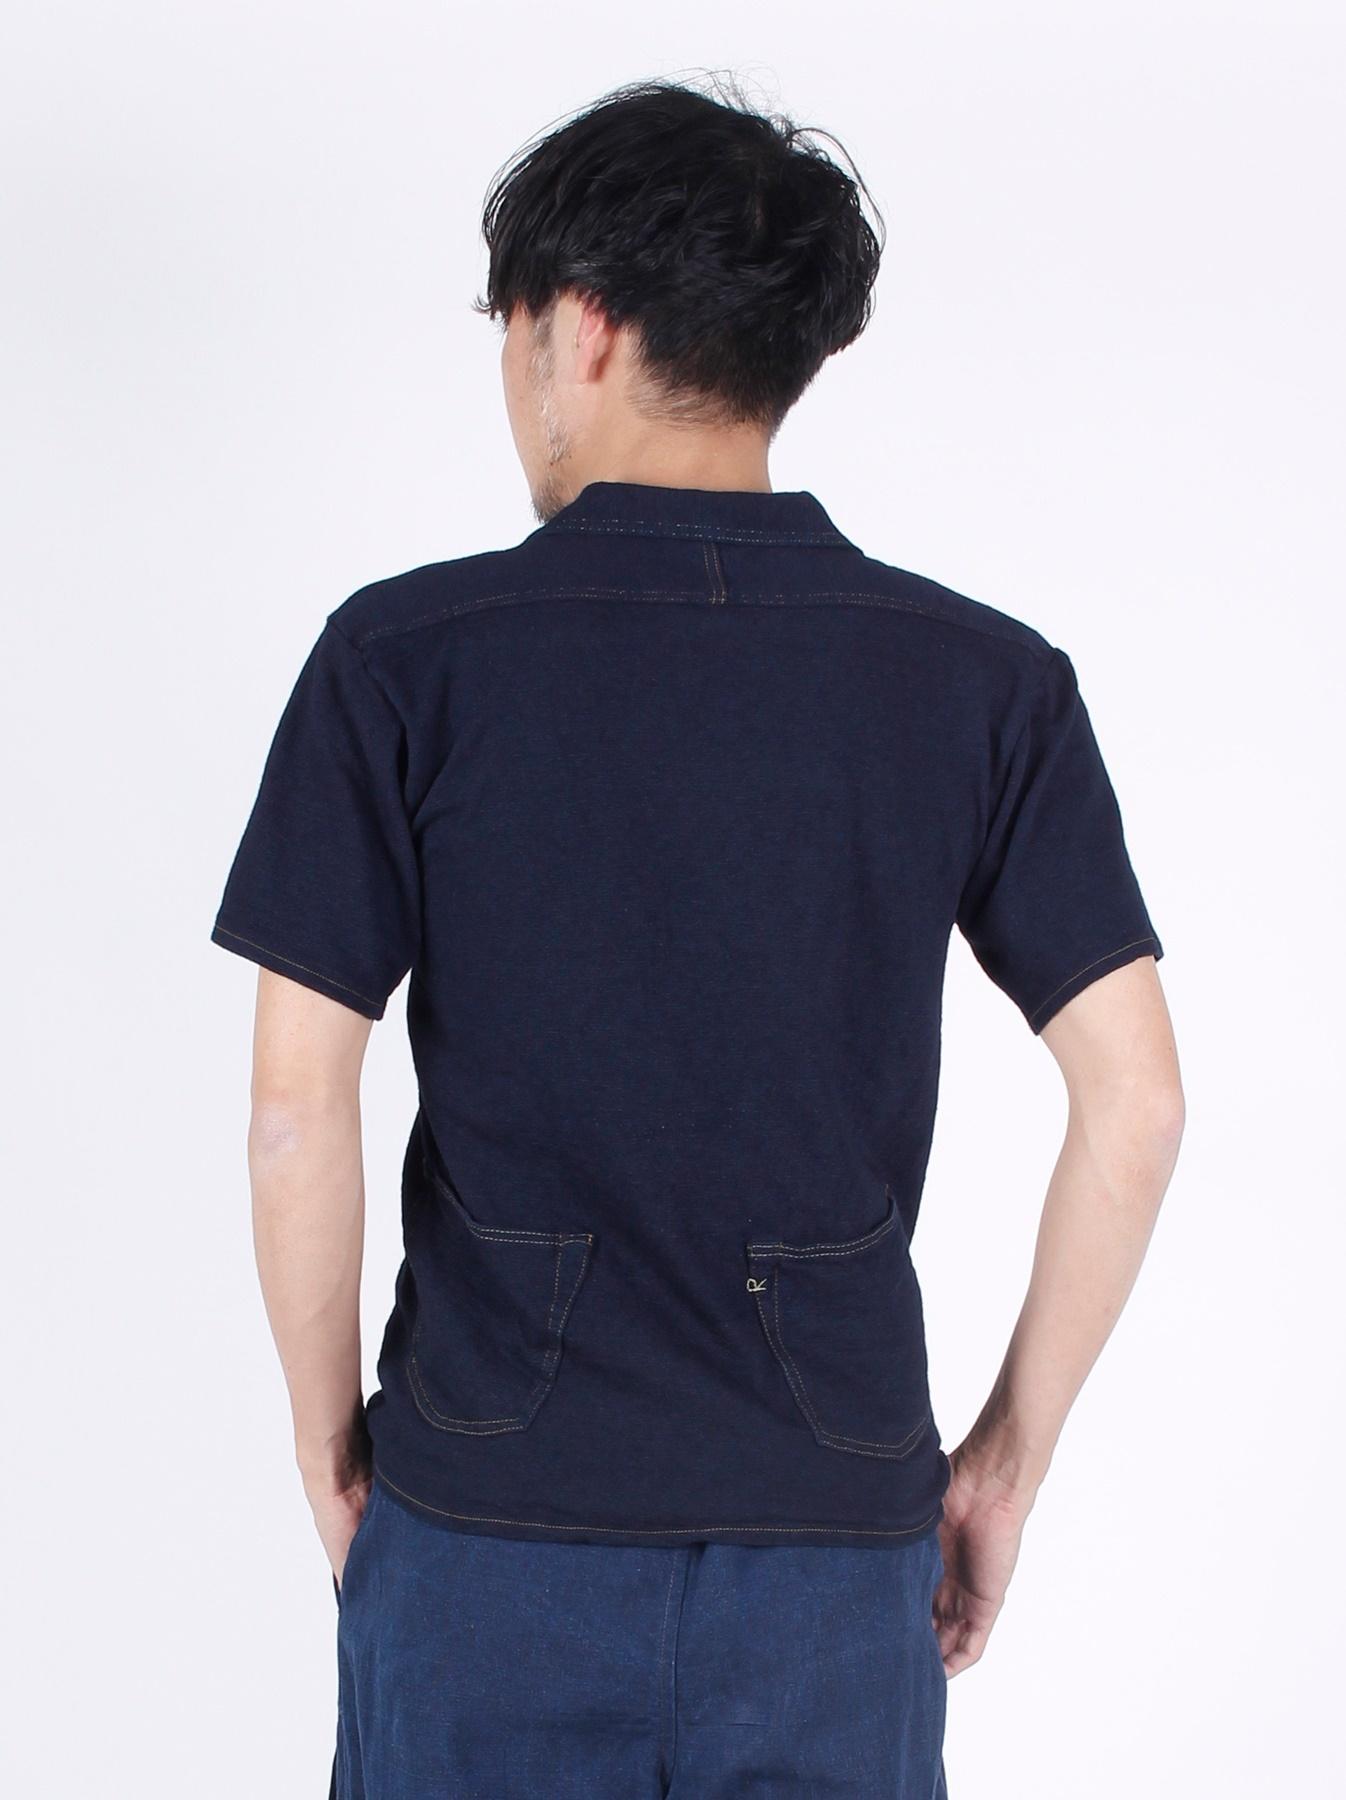 WH Indigo Plating Tenjiku Polo Shirt-5